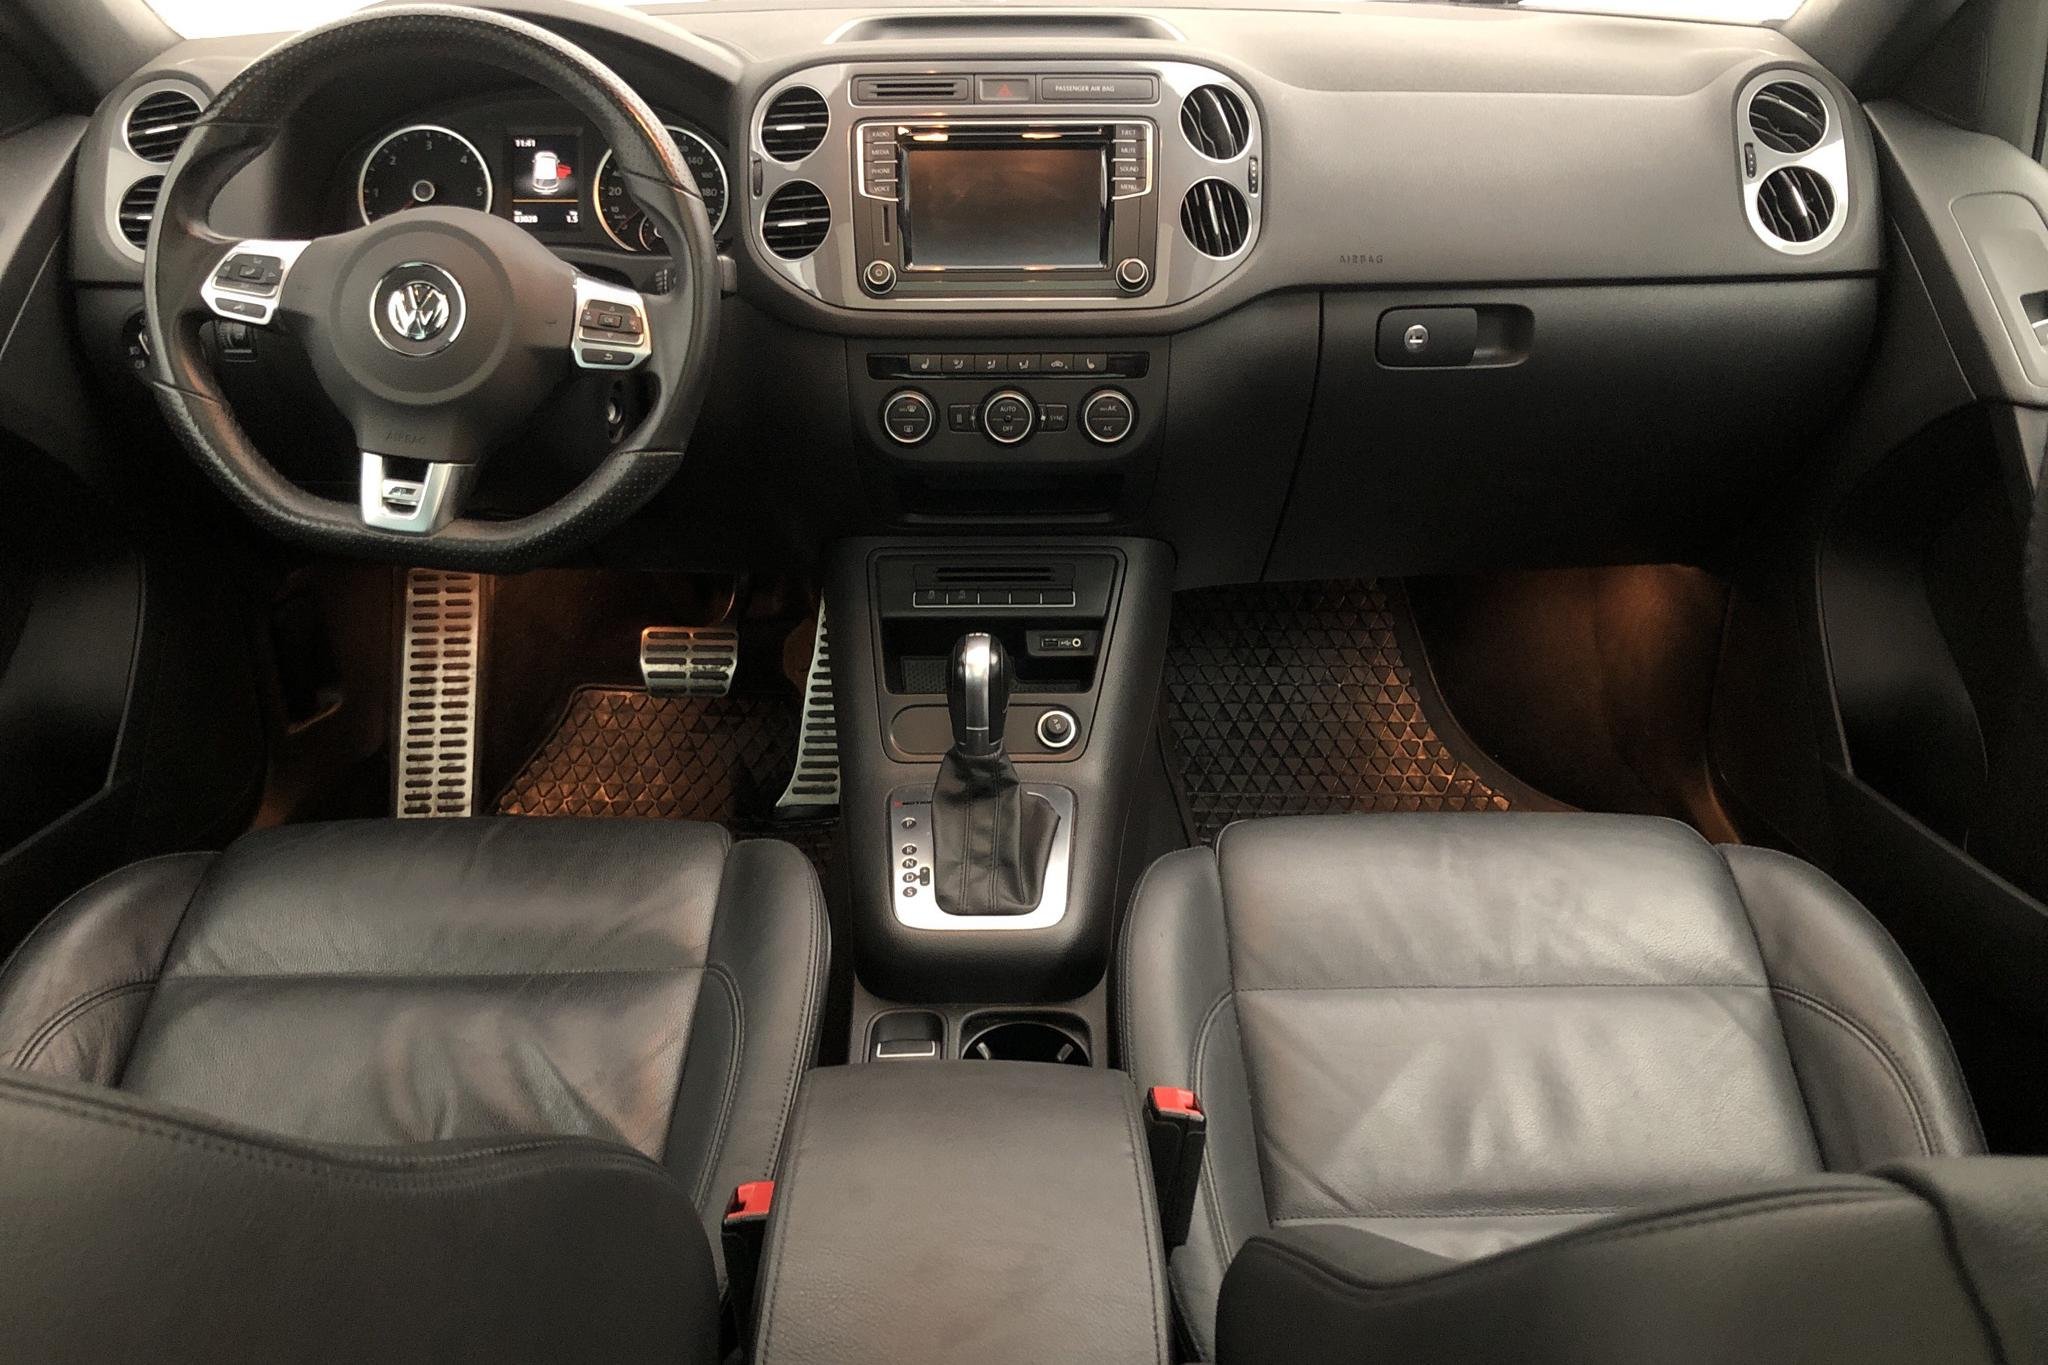 VW Tiguan 2.0 TDI 4MOTION BlueMotion Technology (184hk) - 83 020 km - Automatic - silver - 2016